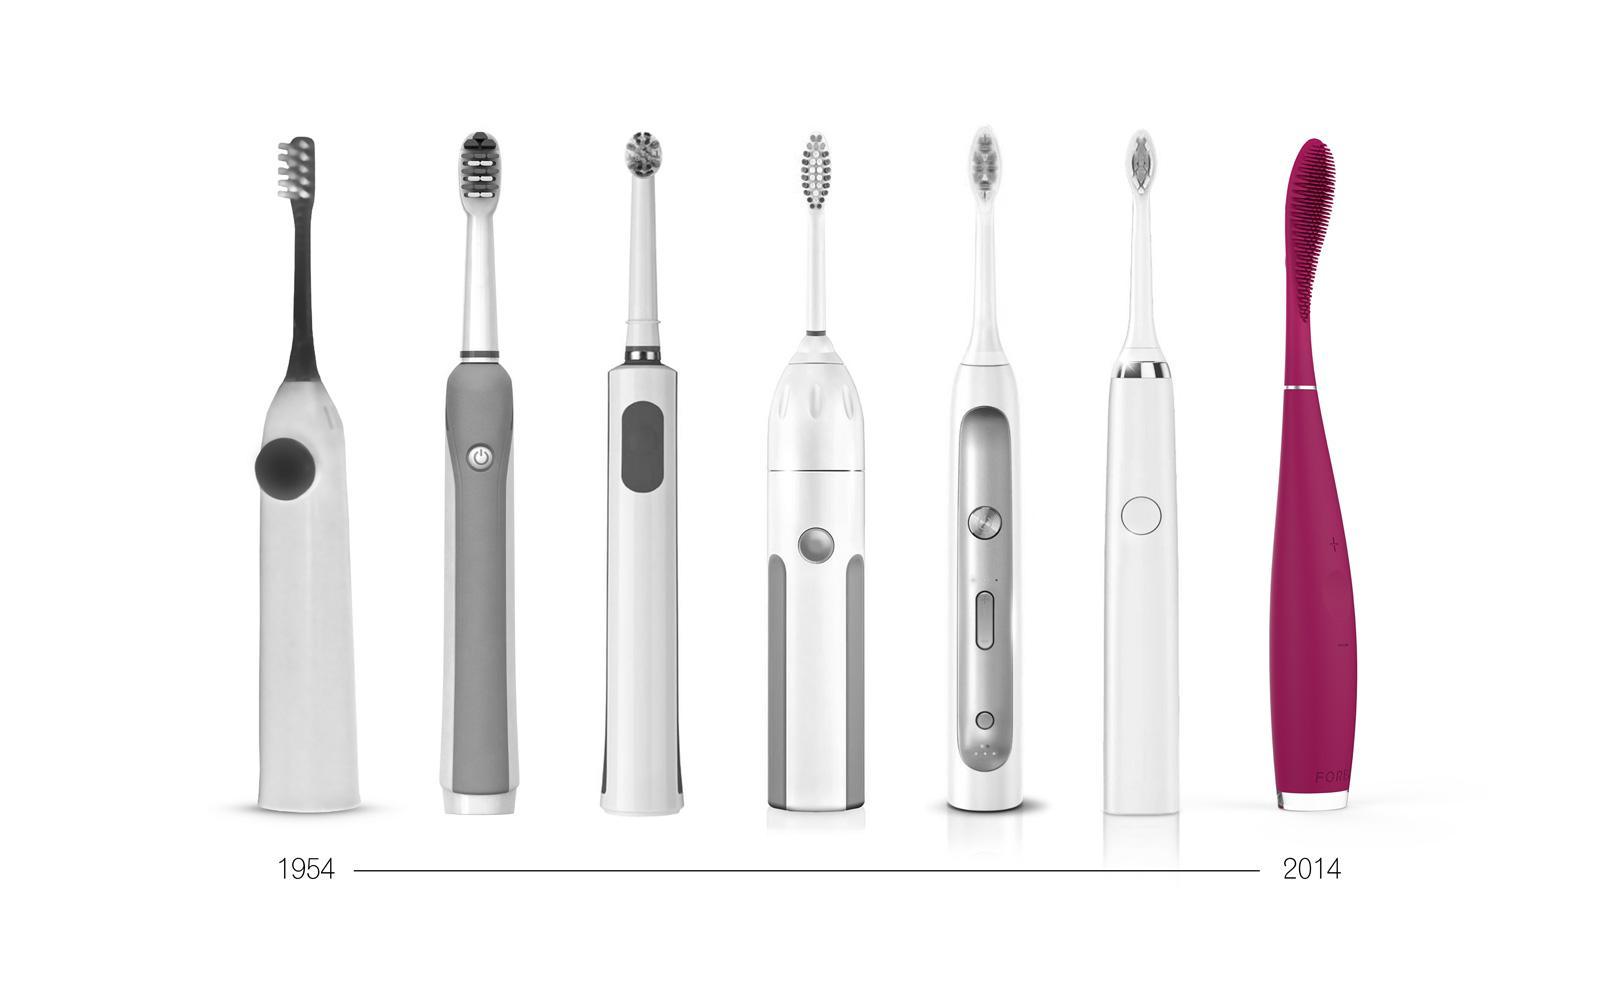 Пятерка лучших электрических зубных щеток